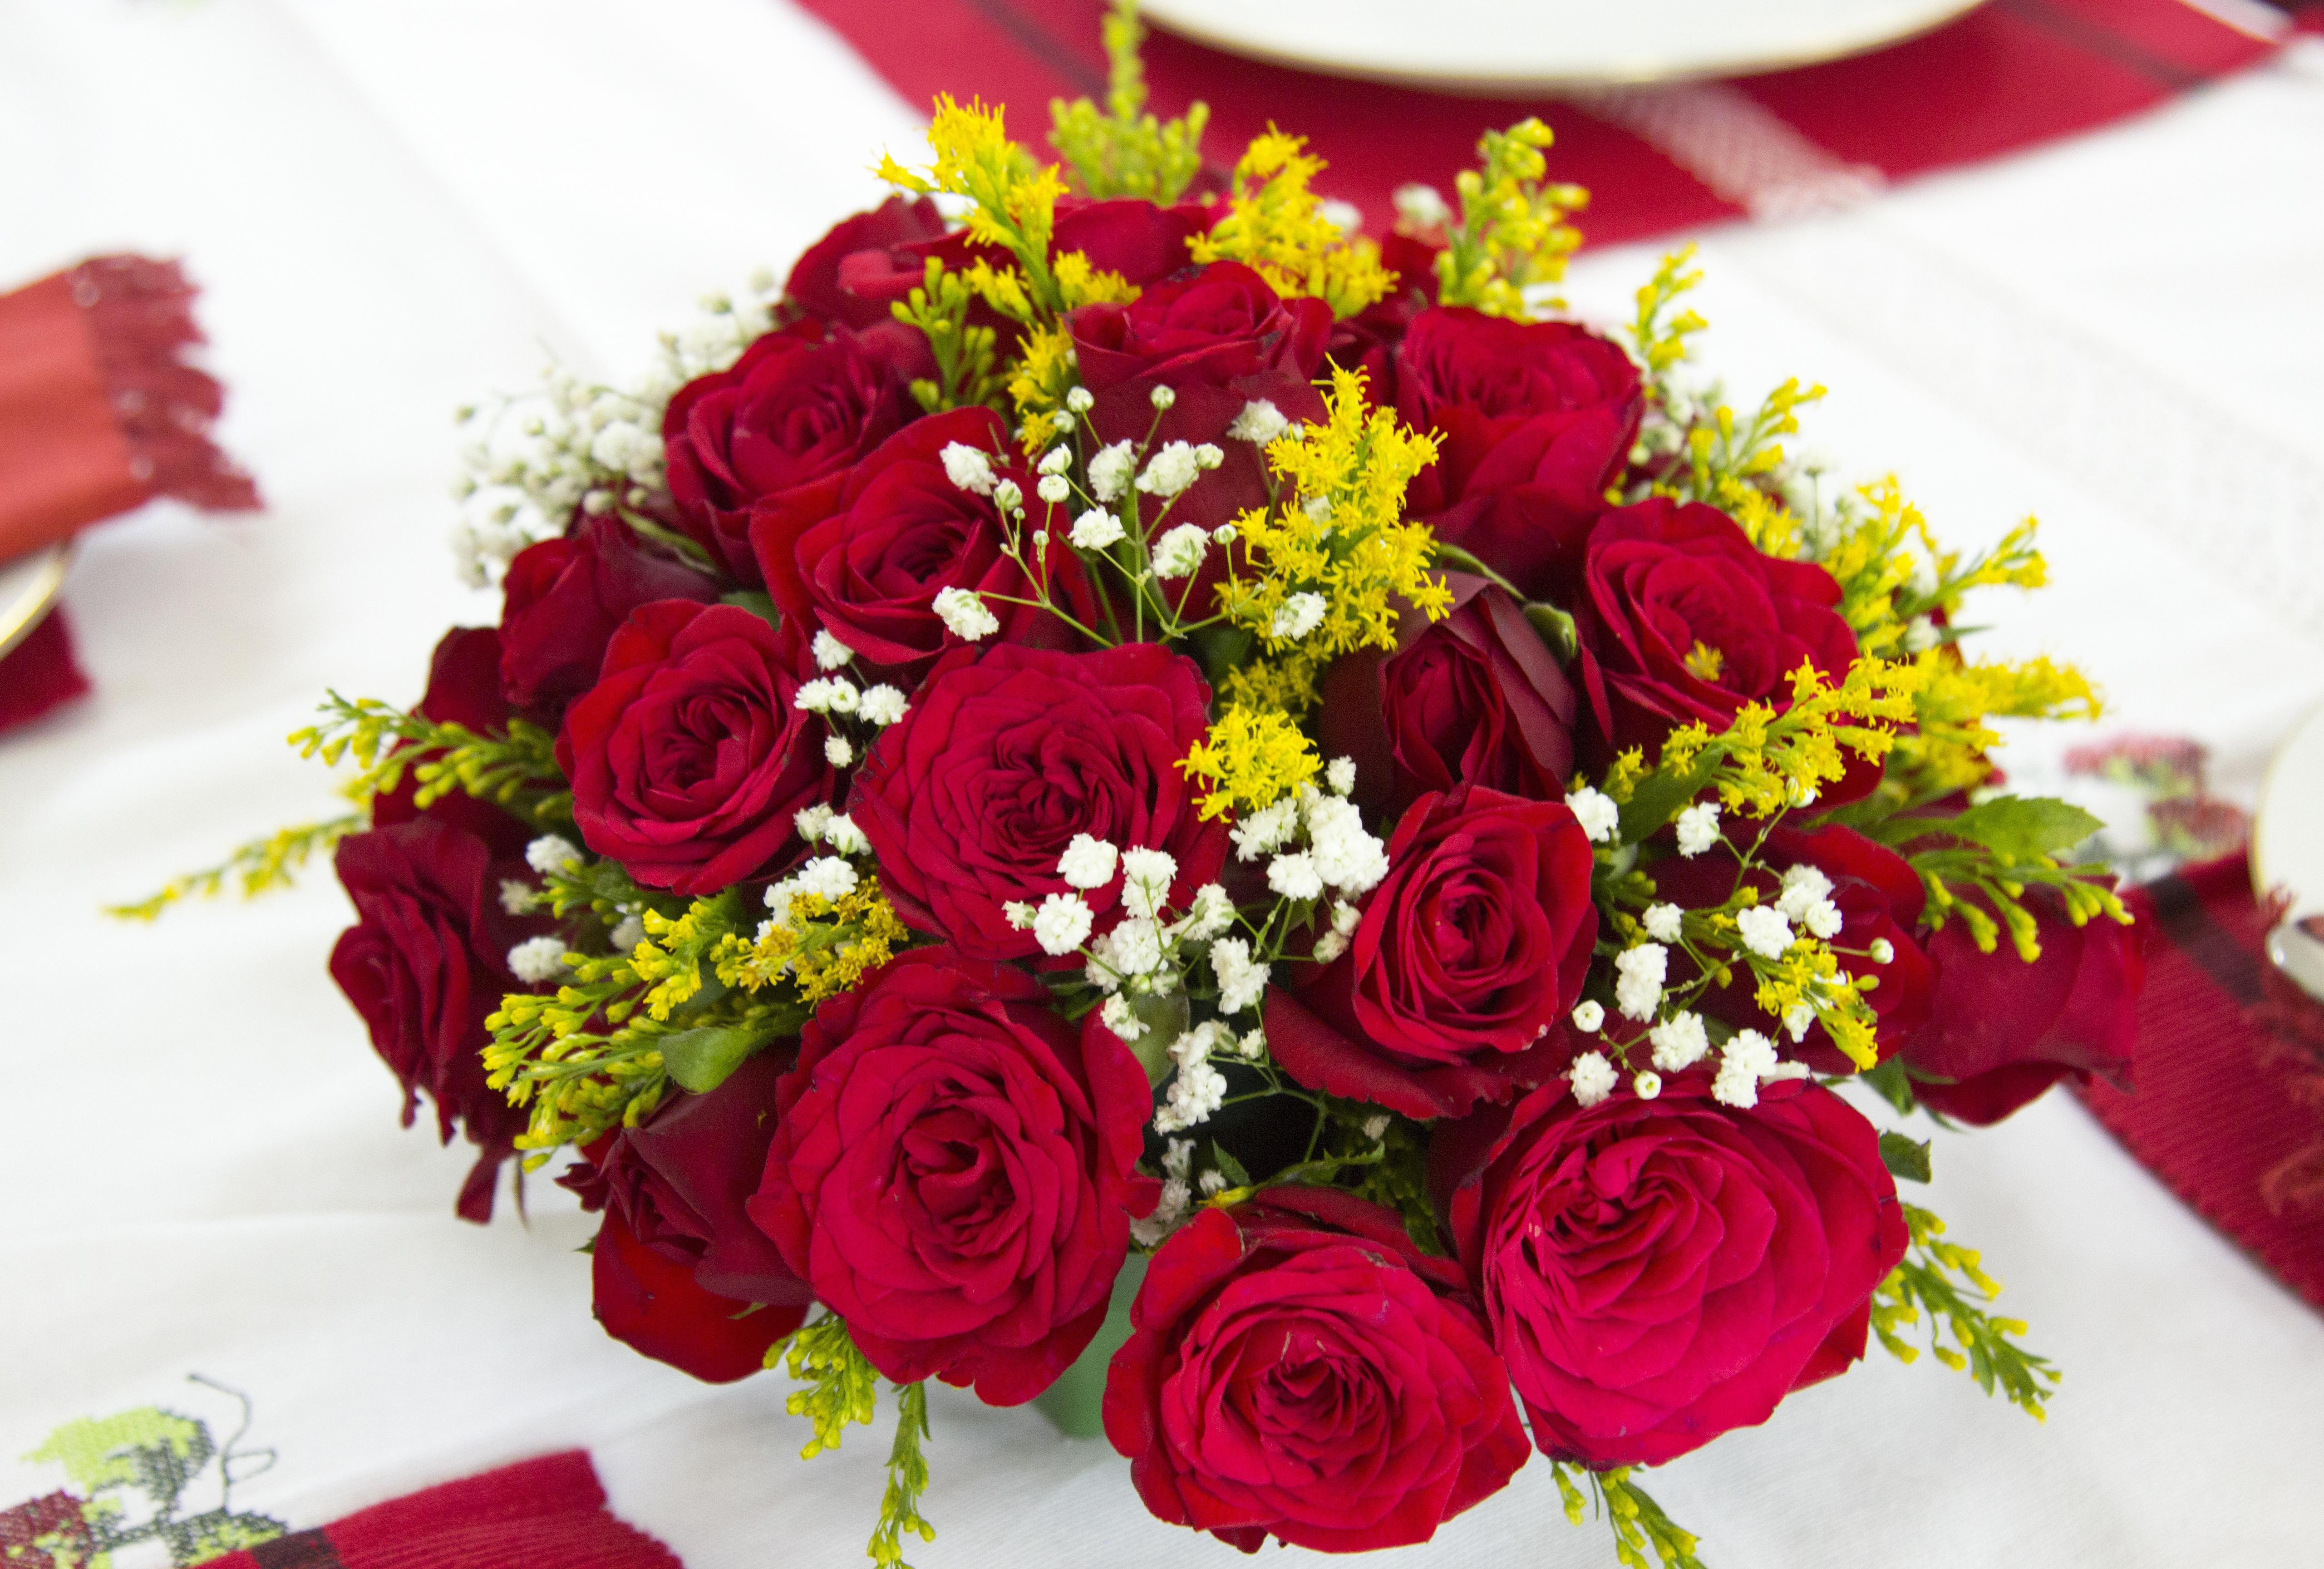 Kostenlose Foto Blutenblatt Strauss Rot Rote Blume Blumenstrauss